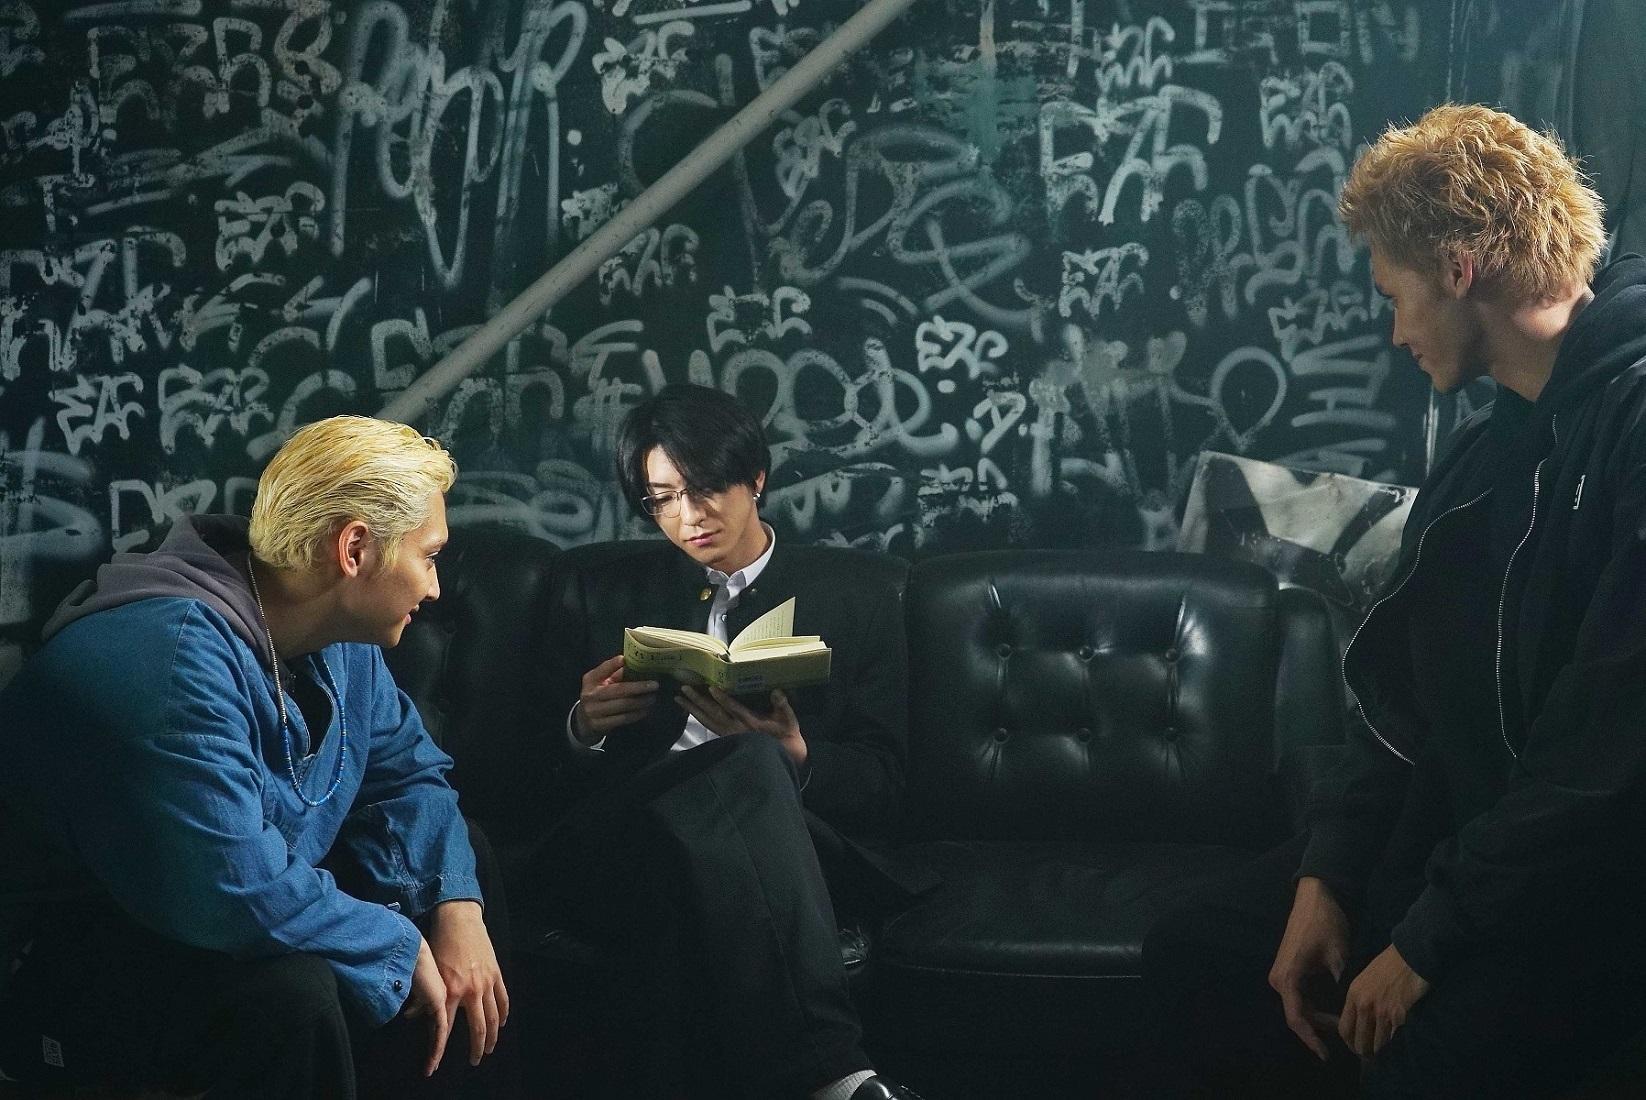 左から、辻(鈴木昂秀)、轟洋介(前田公輝)、芝マン(龍)